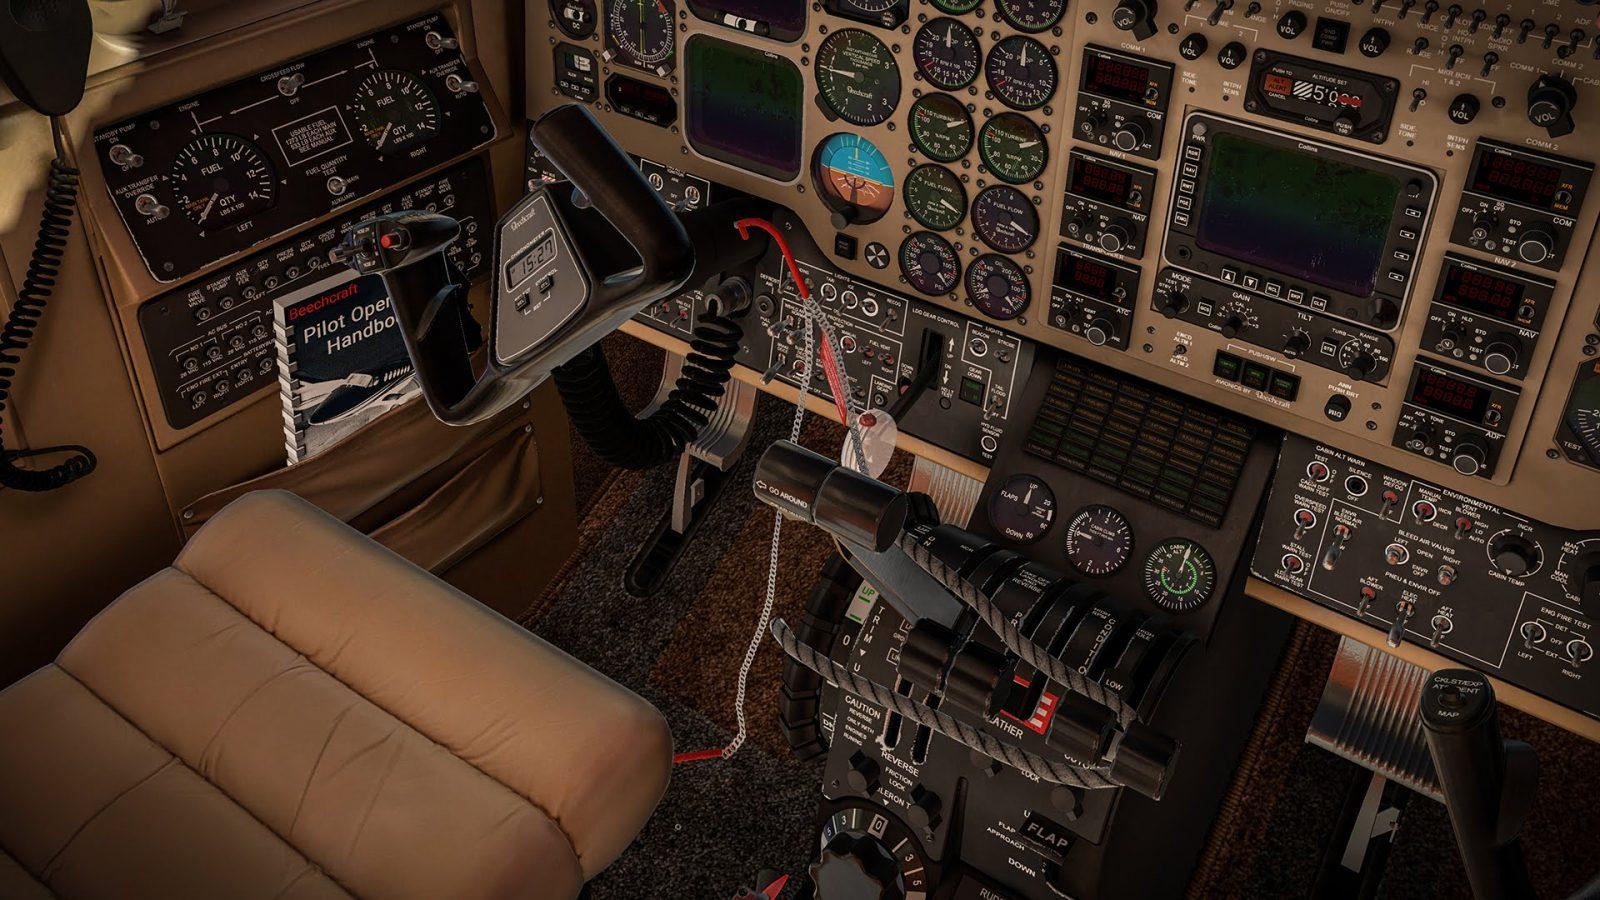 airfoillabs-king-air-350-26-1600x900.jpg